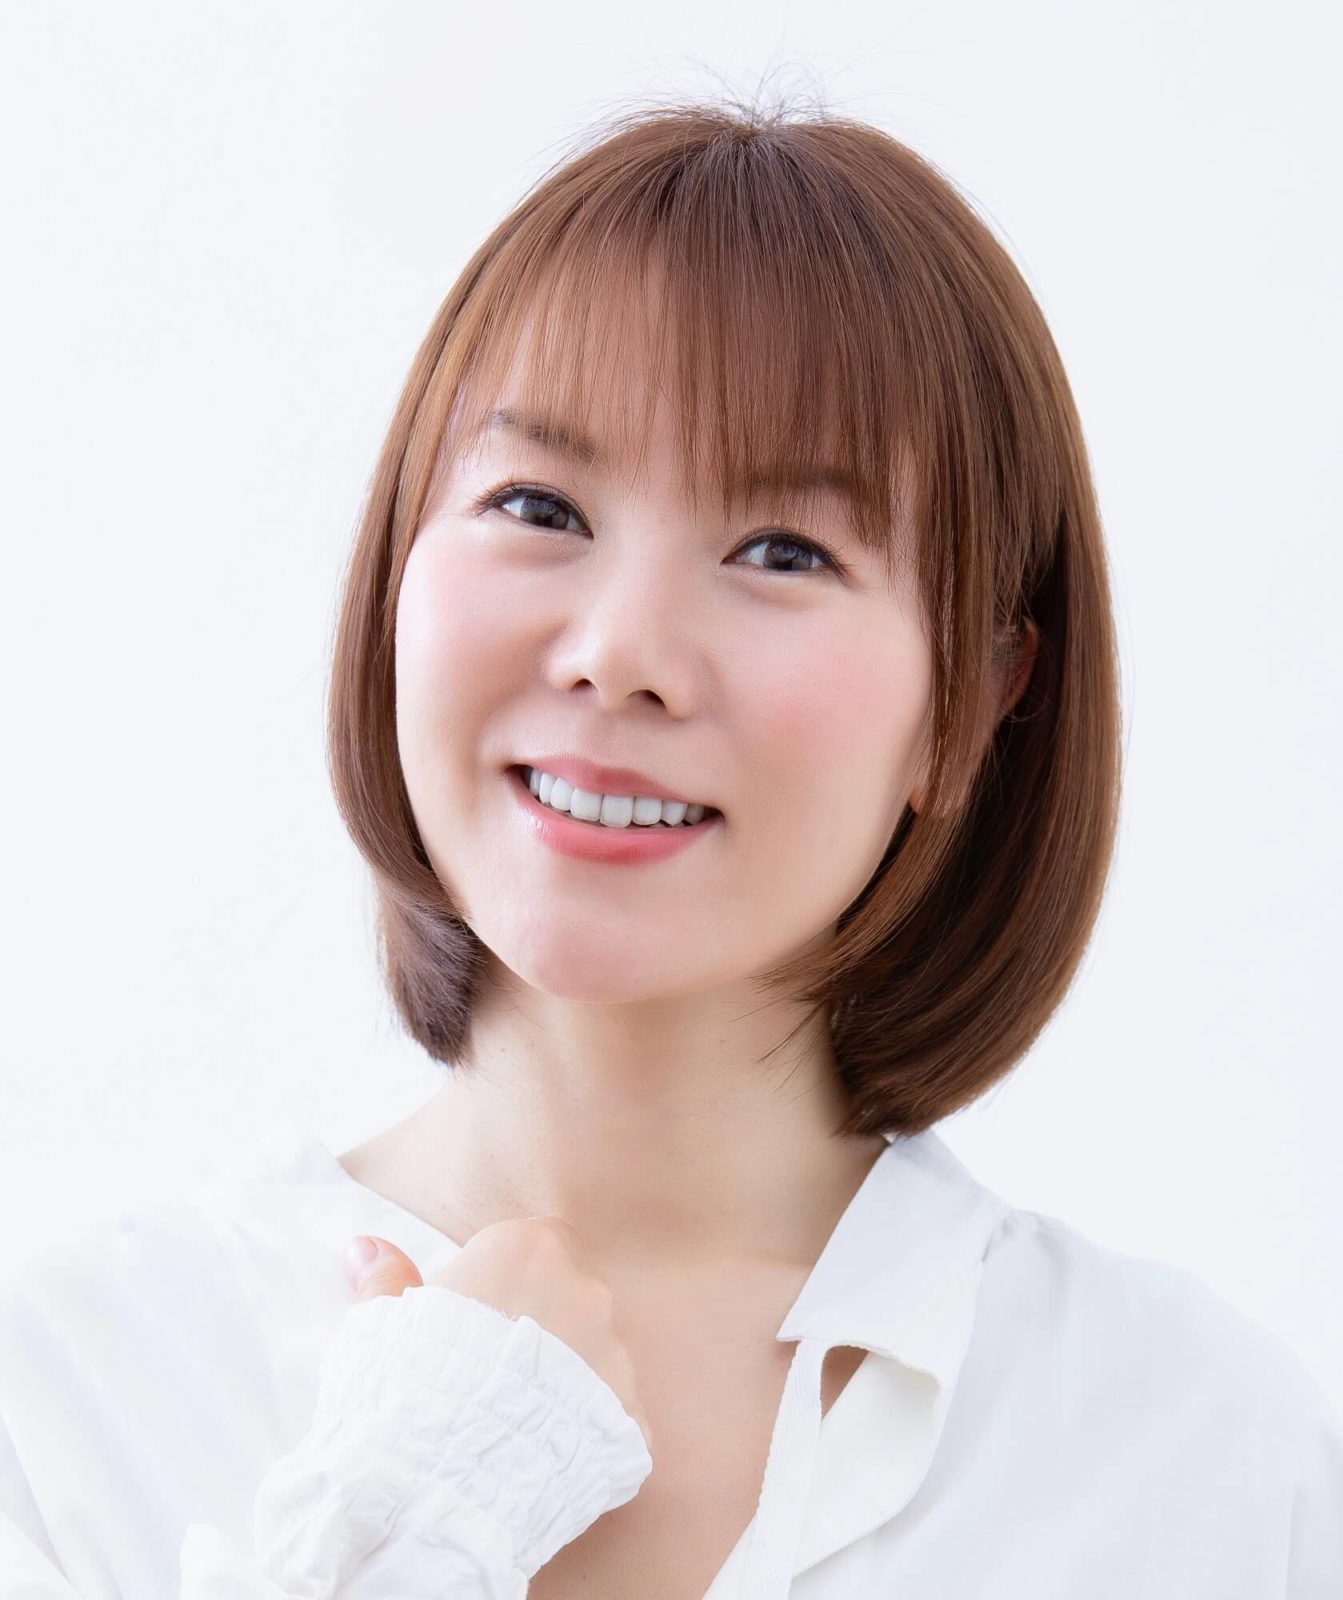 半崎美子、新曲「母へ」MVは自分なりの母親像を昔話風アニメで表現サムネイル画像